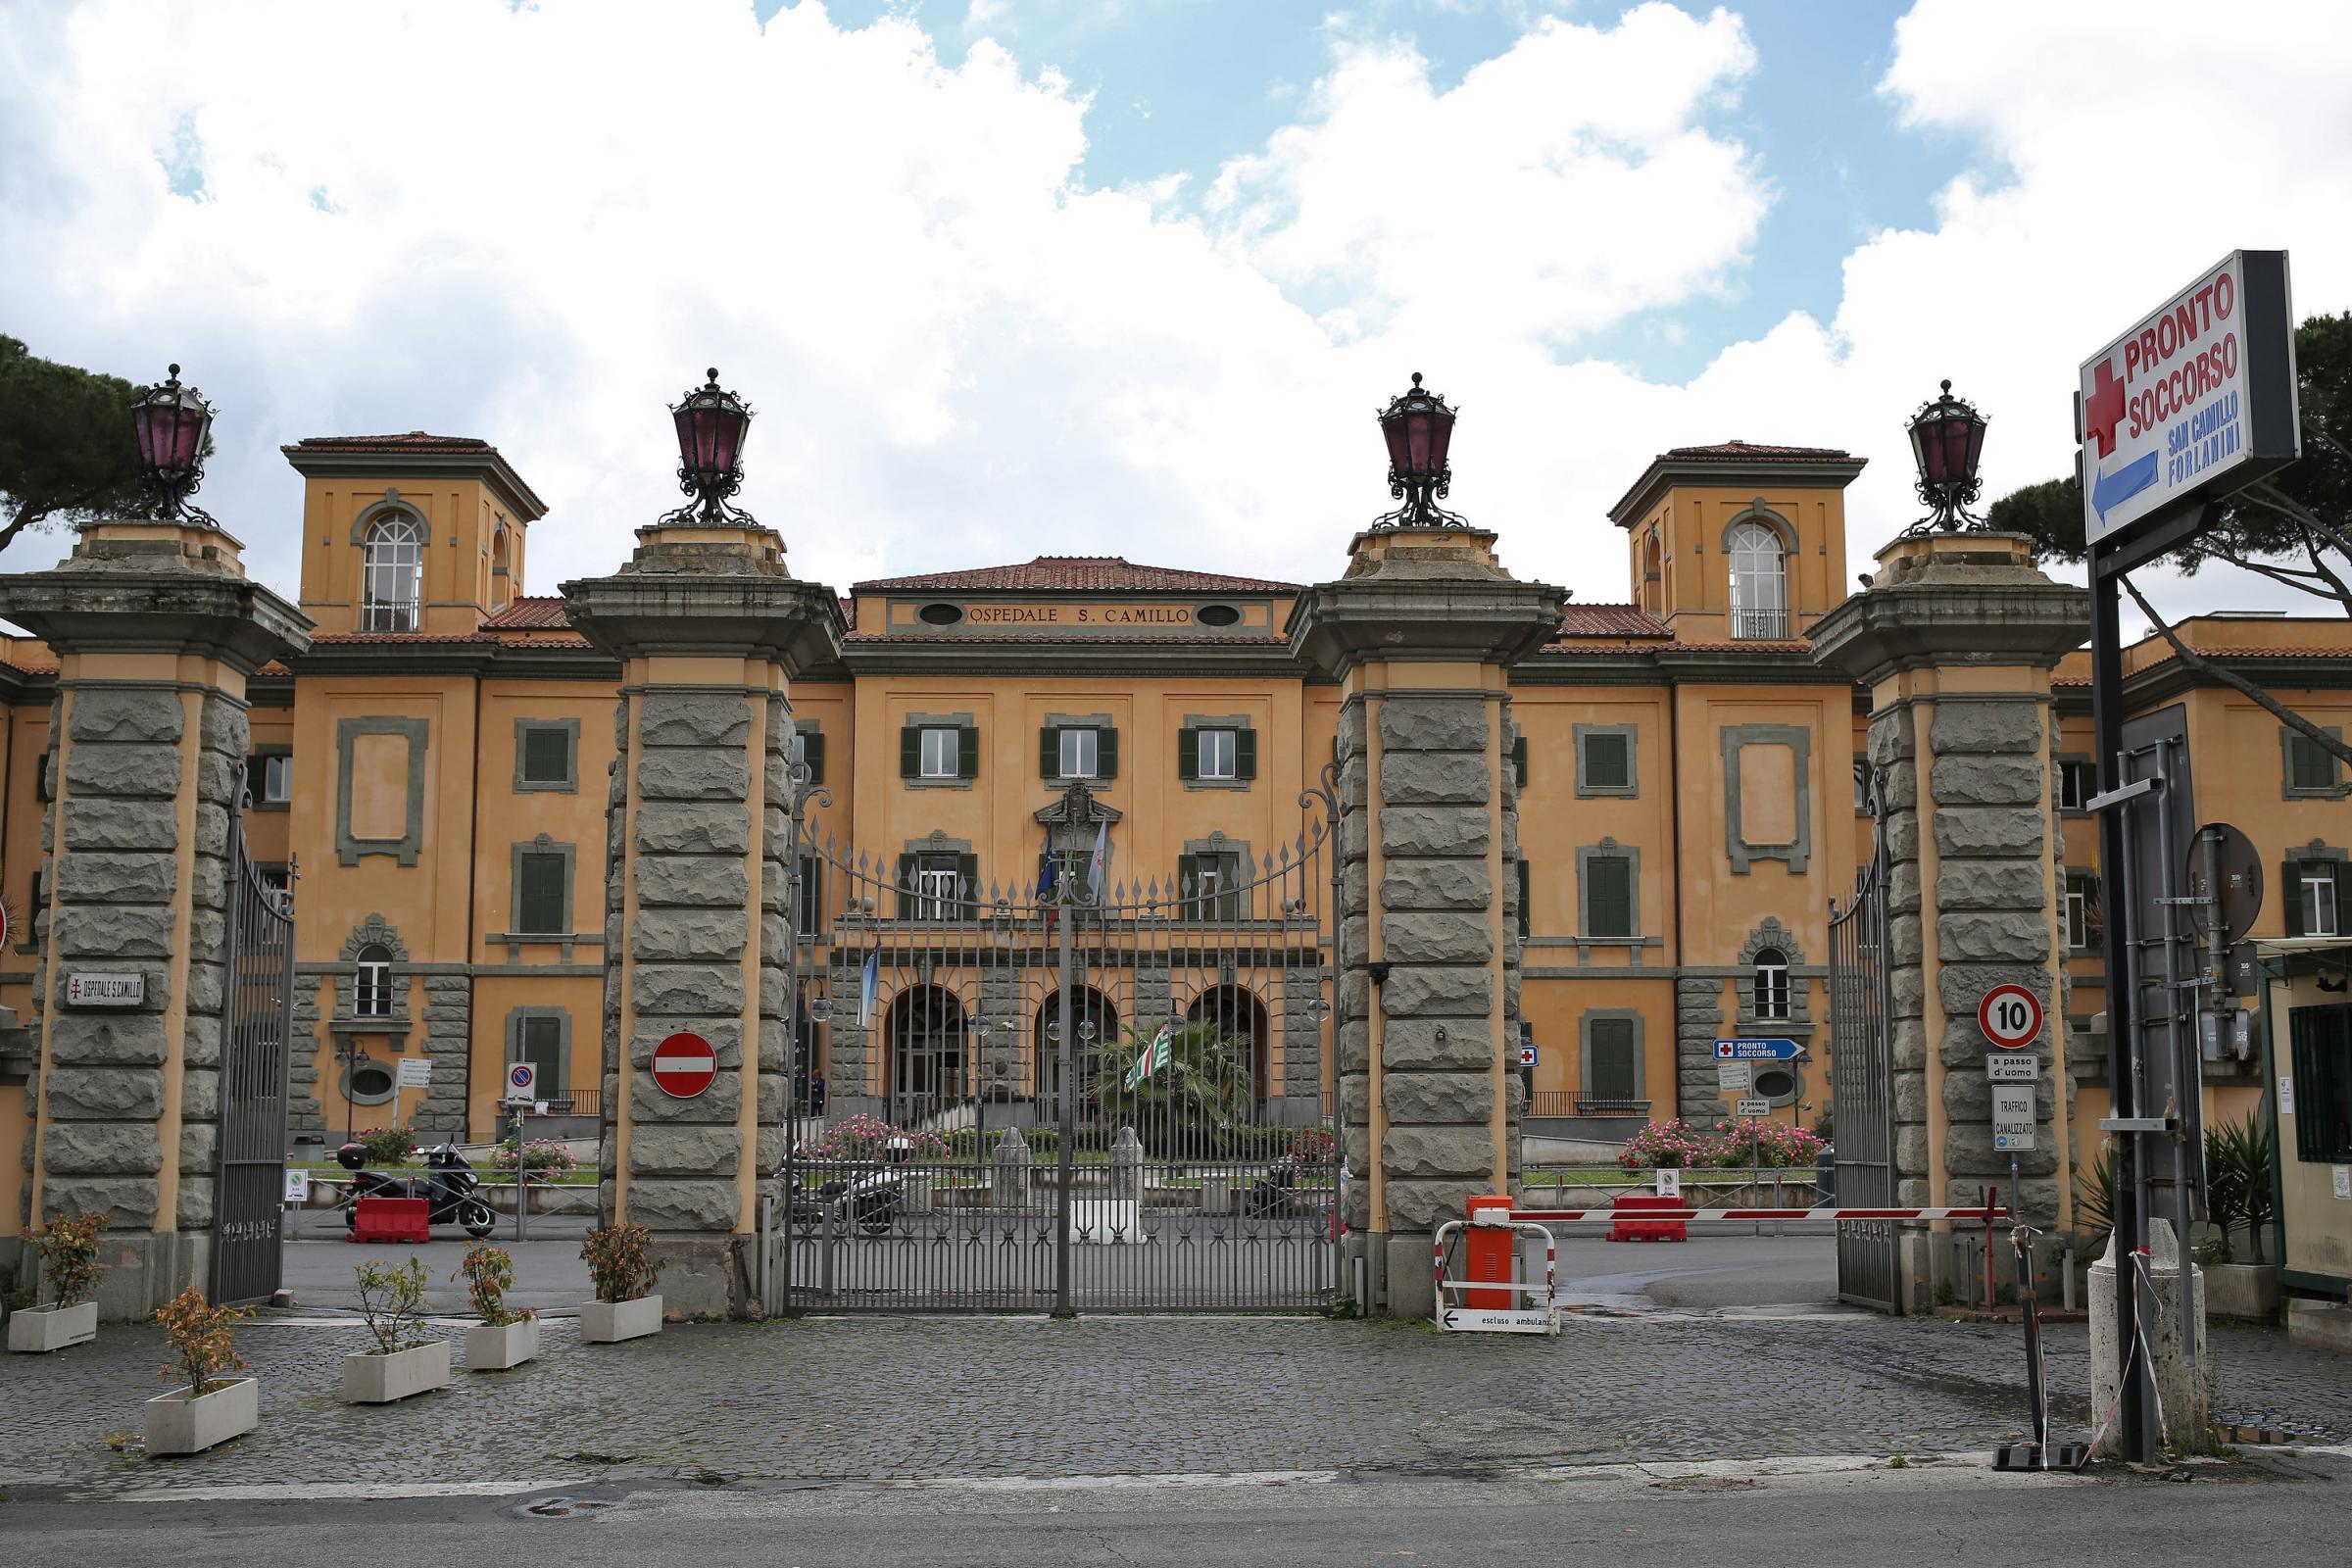 San Camillo di Roma: assunzione di medici non obiettori per garantire il diritto all'aborto